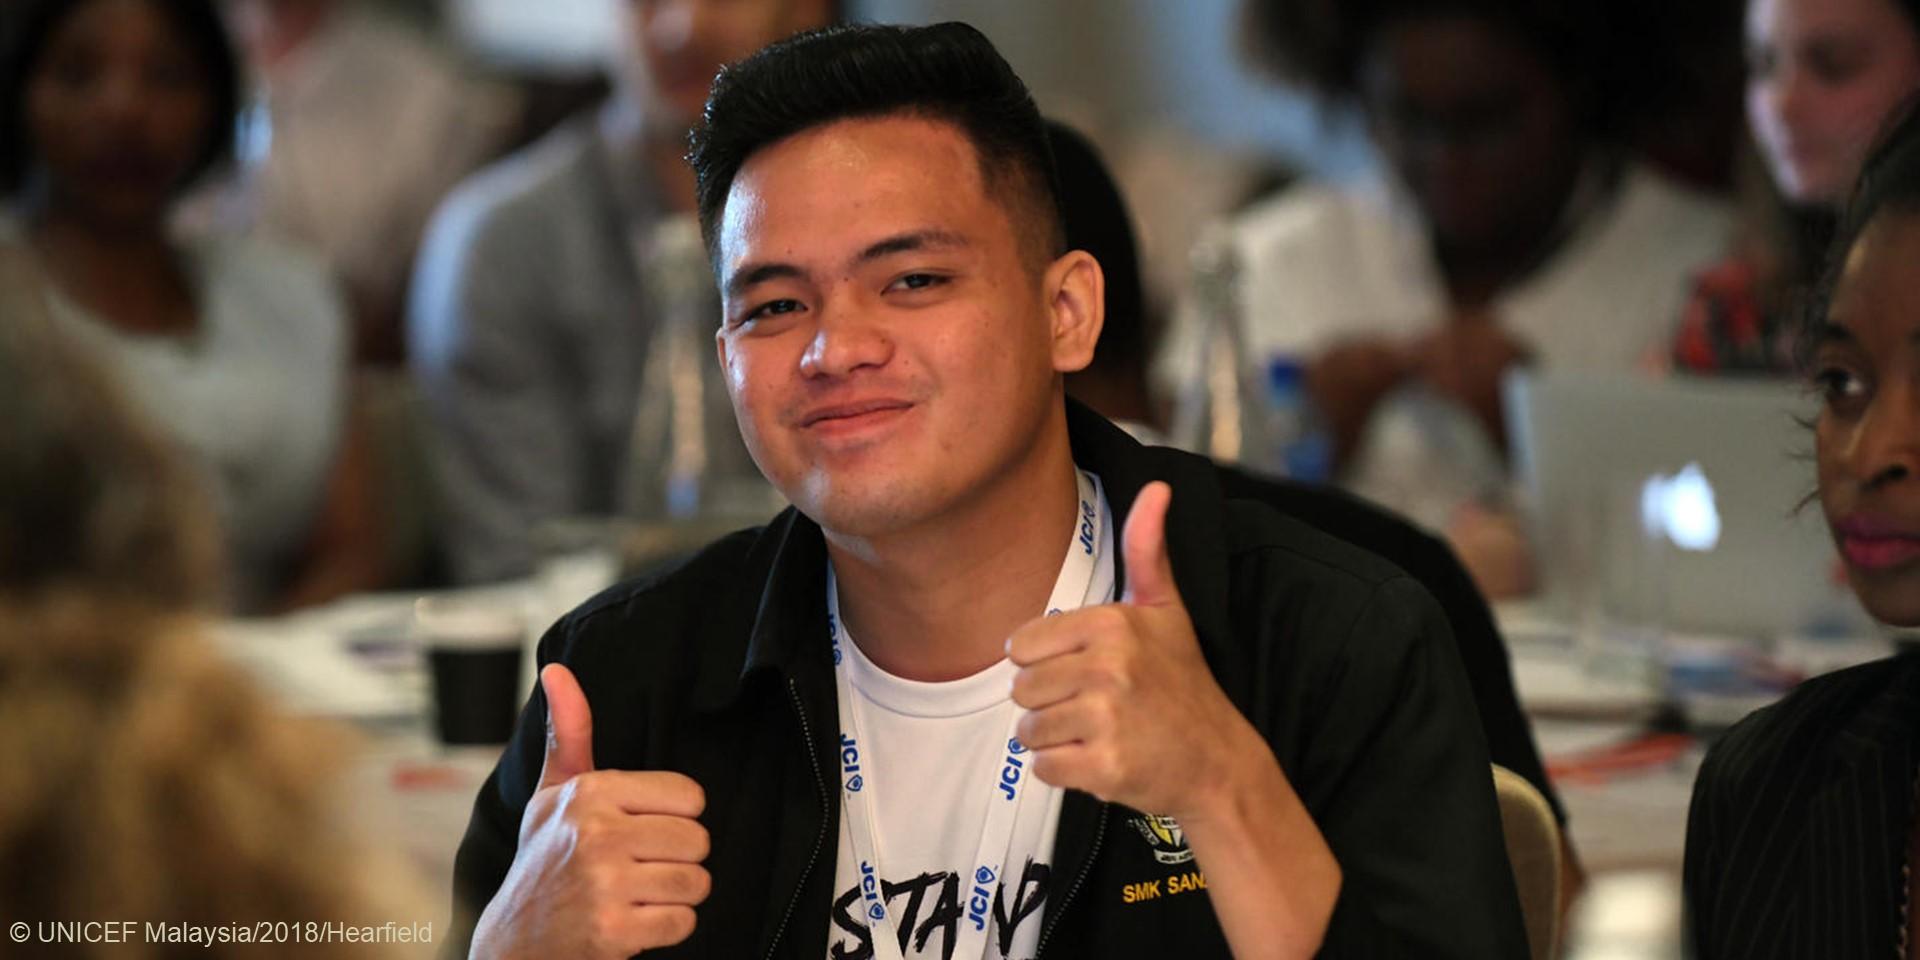 UNICEF Youth Advocate Muhd Saiful Ikhwan bin Musa